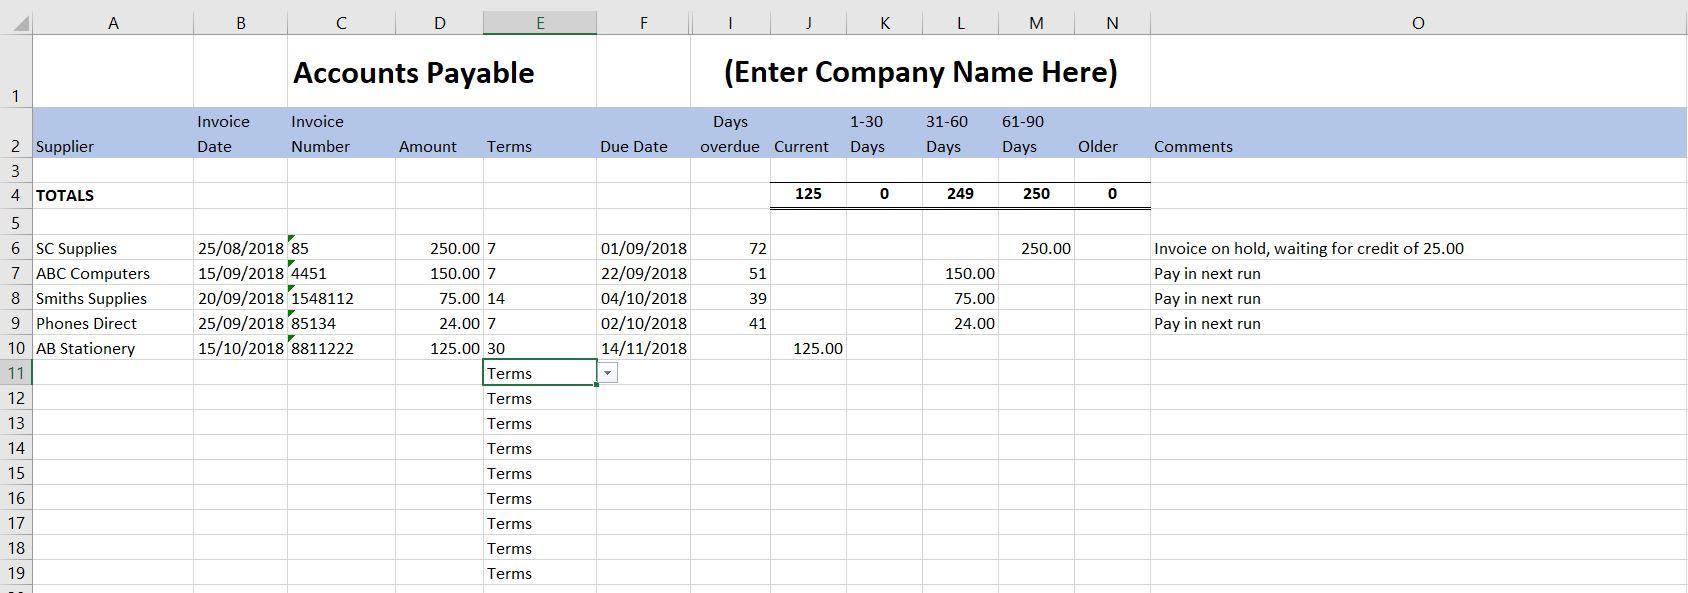 Free Vat Return Spreadsheet Template Inside Free Excel Bookkeeping Templates  10 Excel Templates